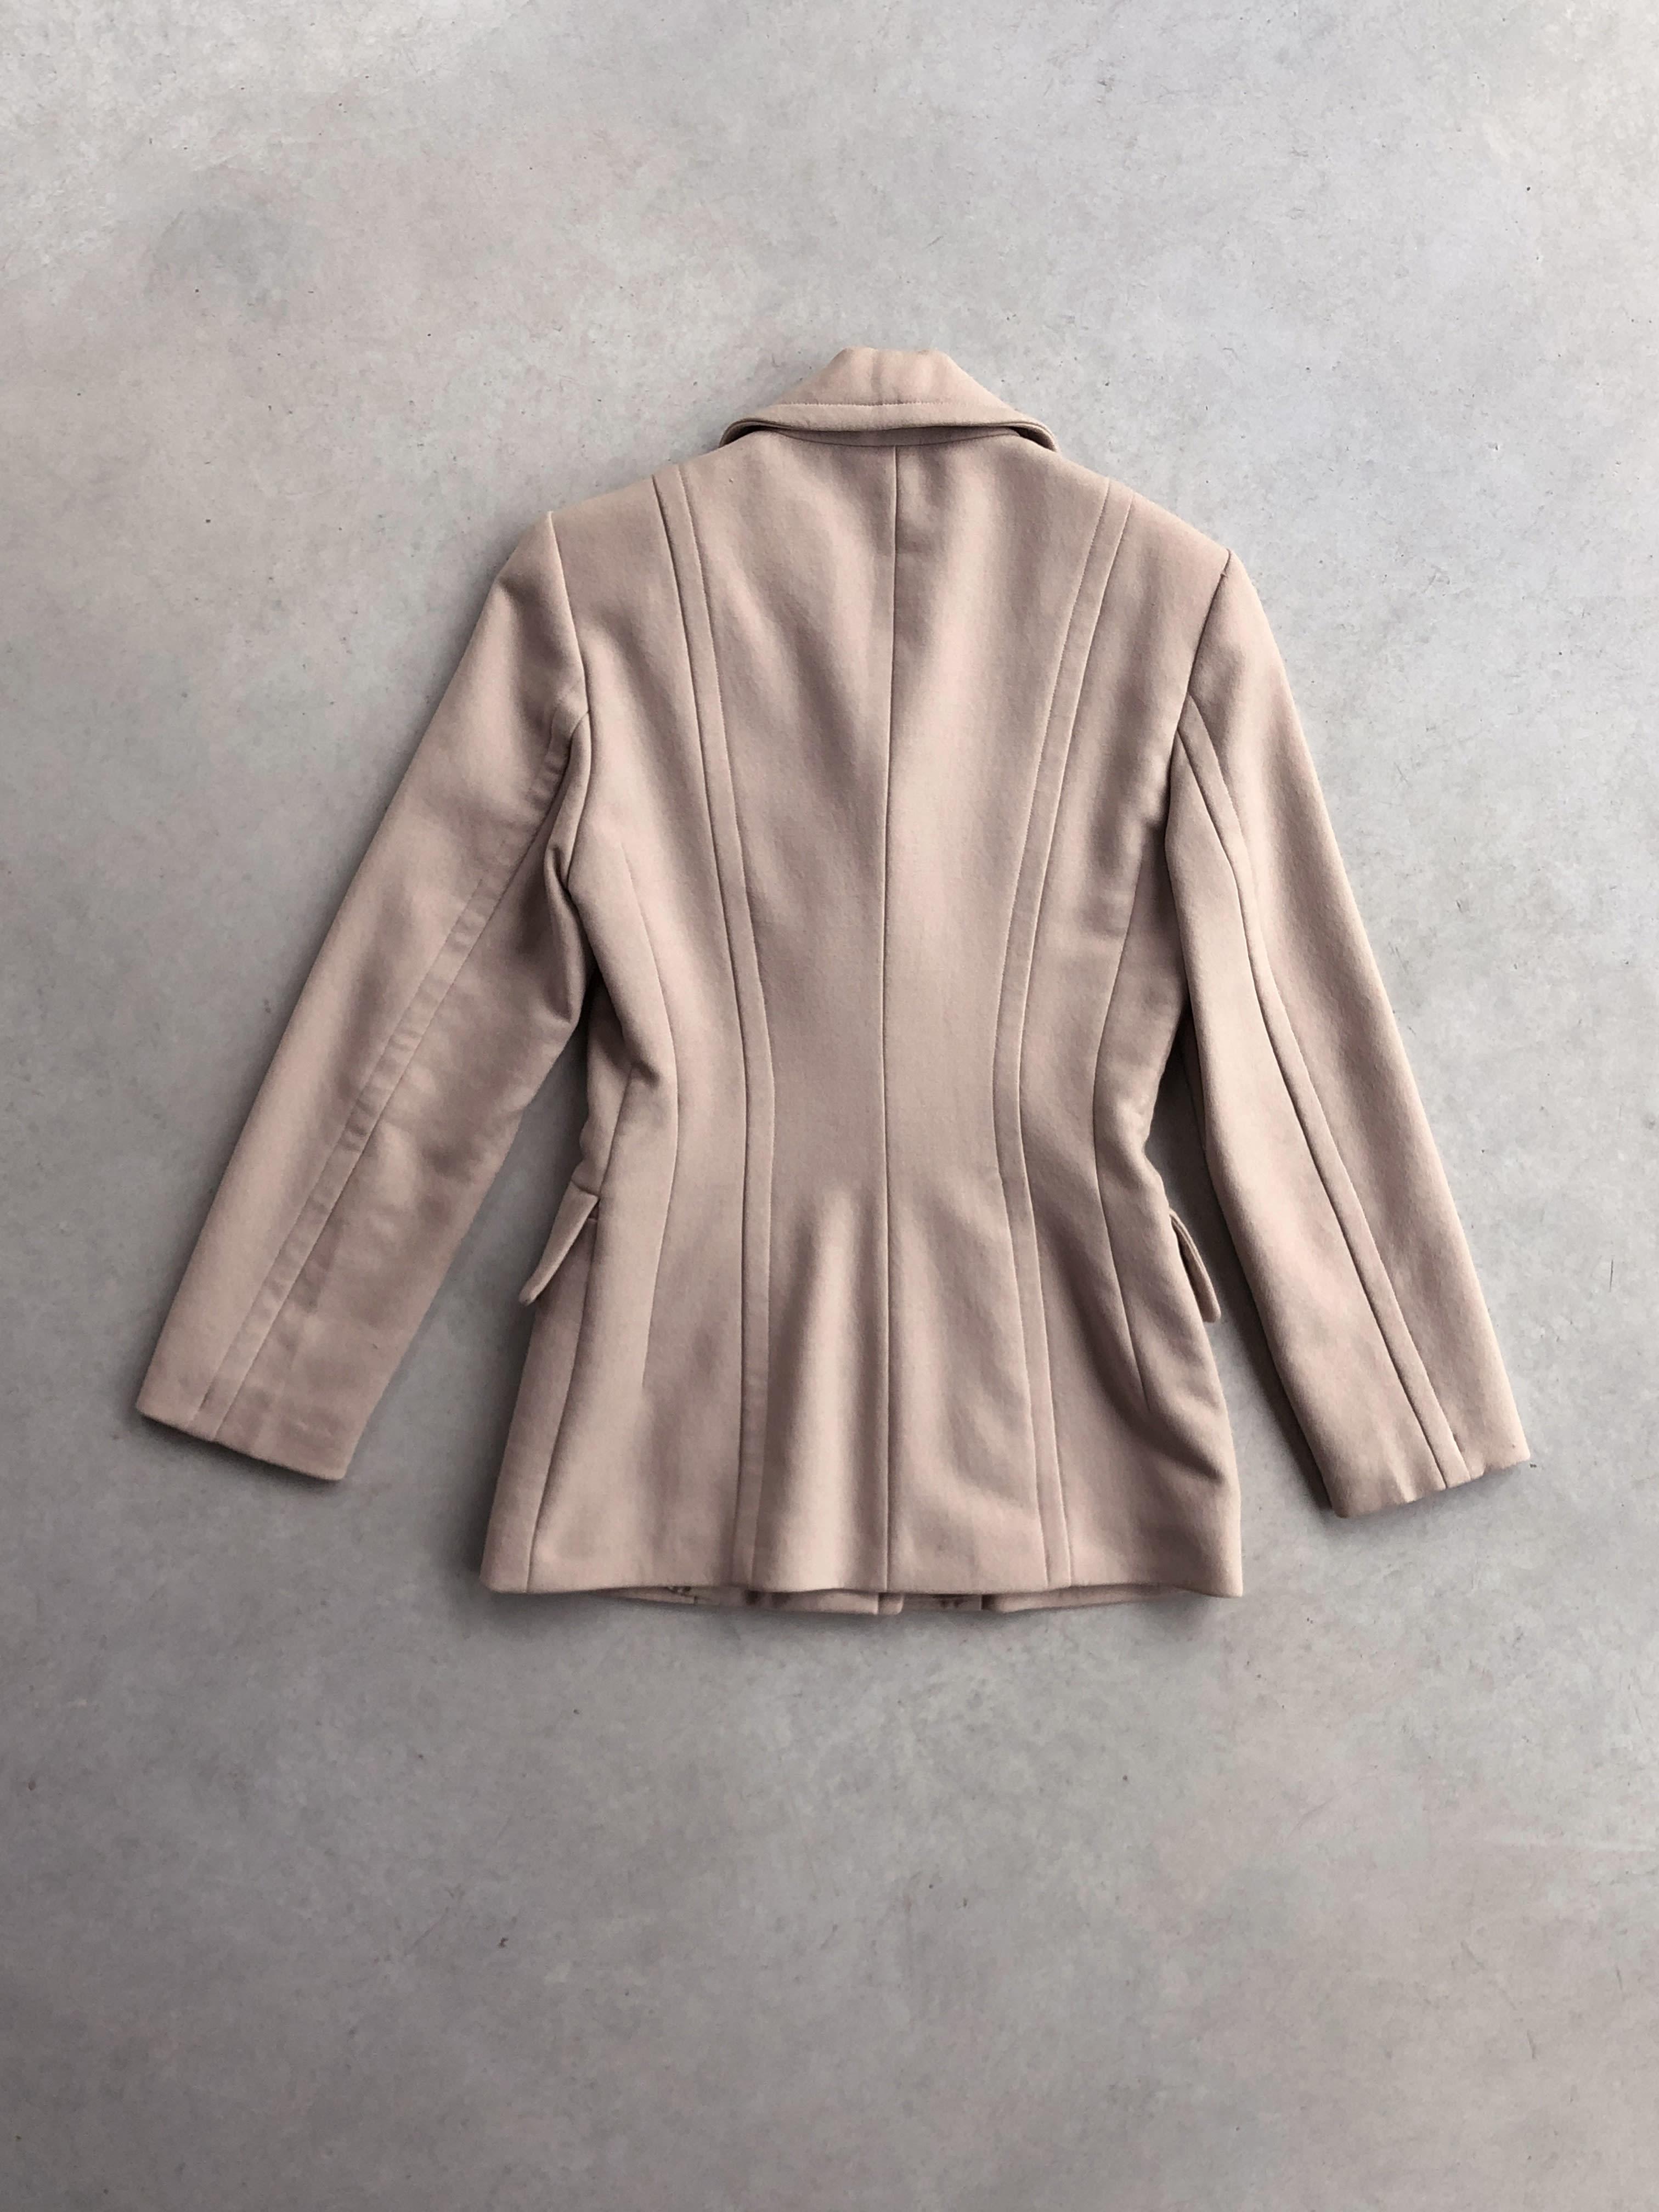 Packshot du produit Veste Cintrée Beige à Boutons XL de la catégorie Vestes & Manteaux